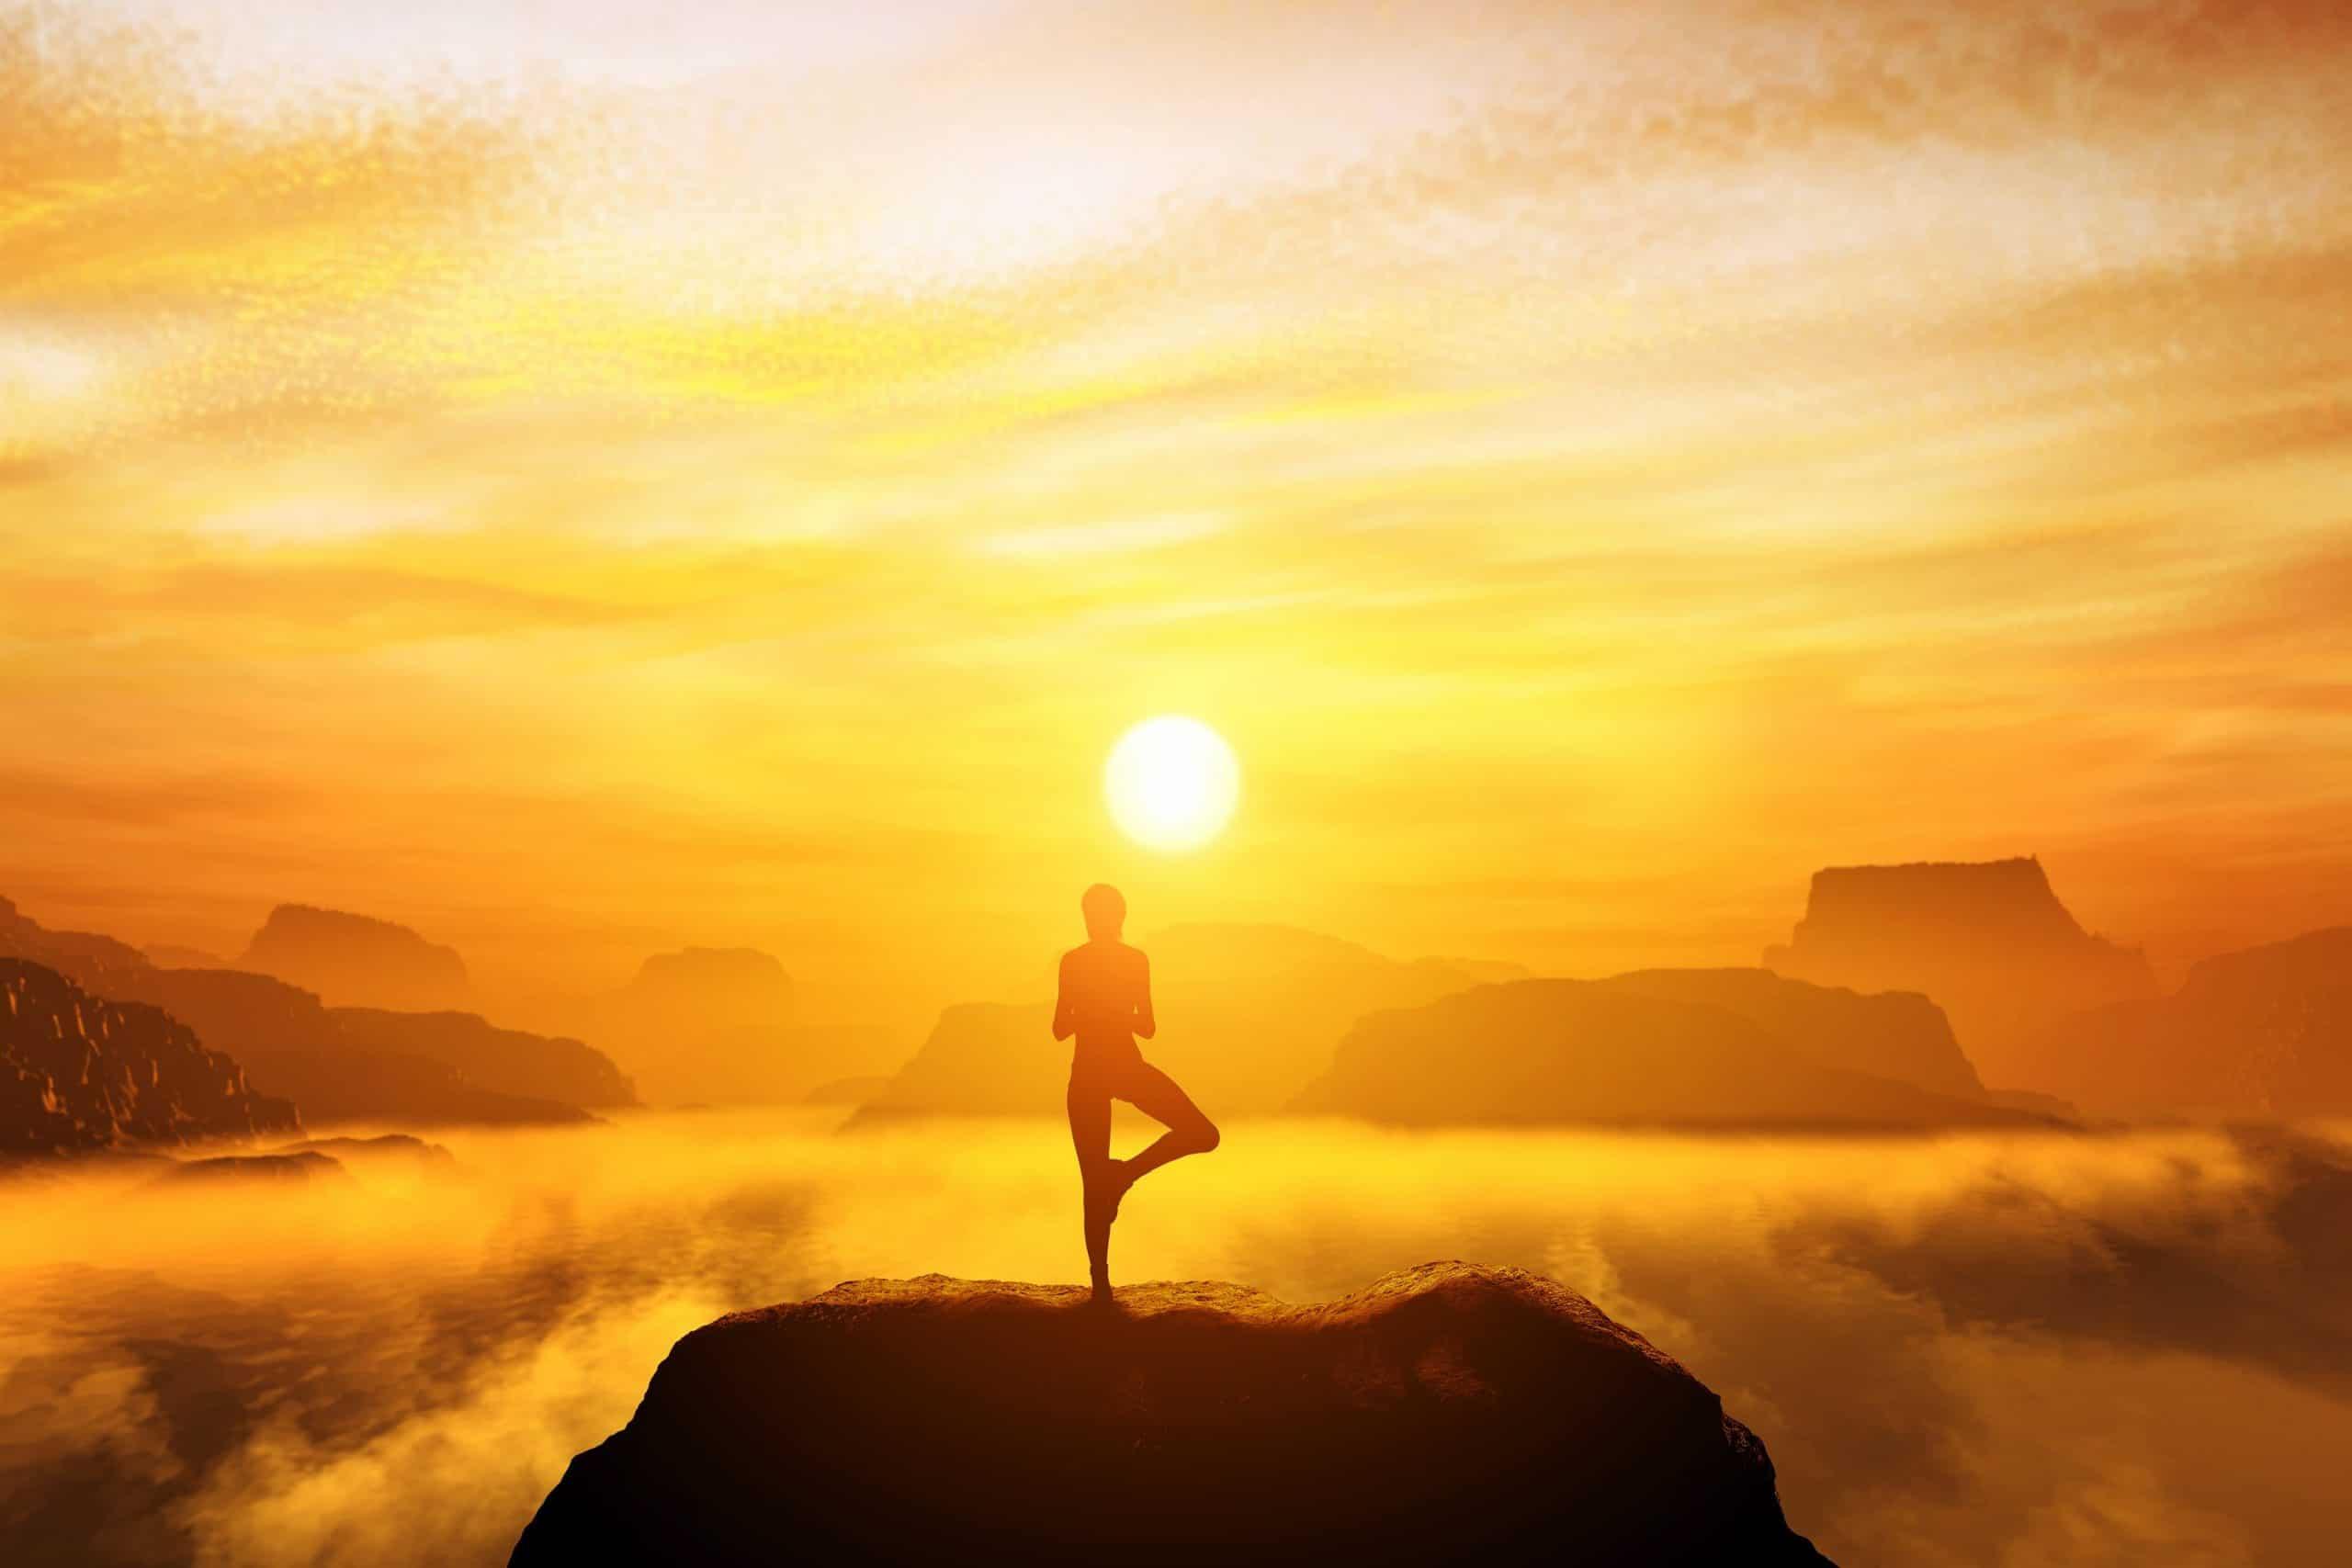 Pessoa praticando yoga no topo de uma montanha sob o pôr-do-sol.